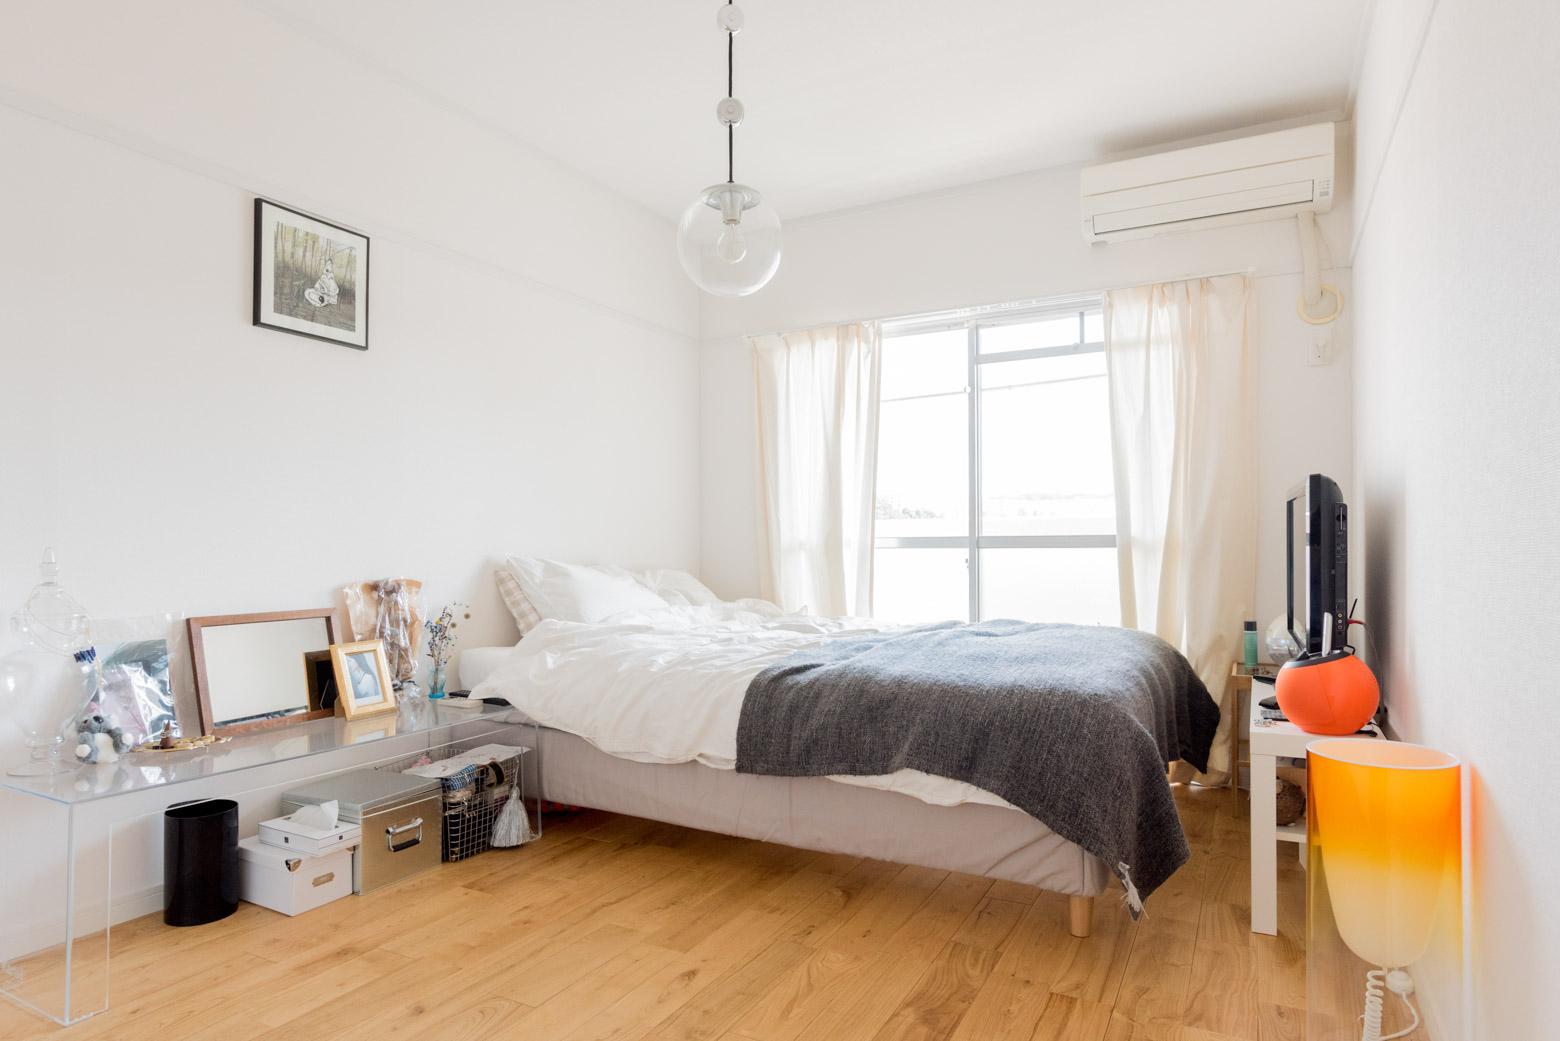 6畳にセミダブル1台だとこのぐらい。余裕が生まれるので、寝室にもテレビや、自分の好きなものを置いてリラックス空間にできます。(このお部屋はこちら)